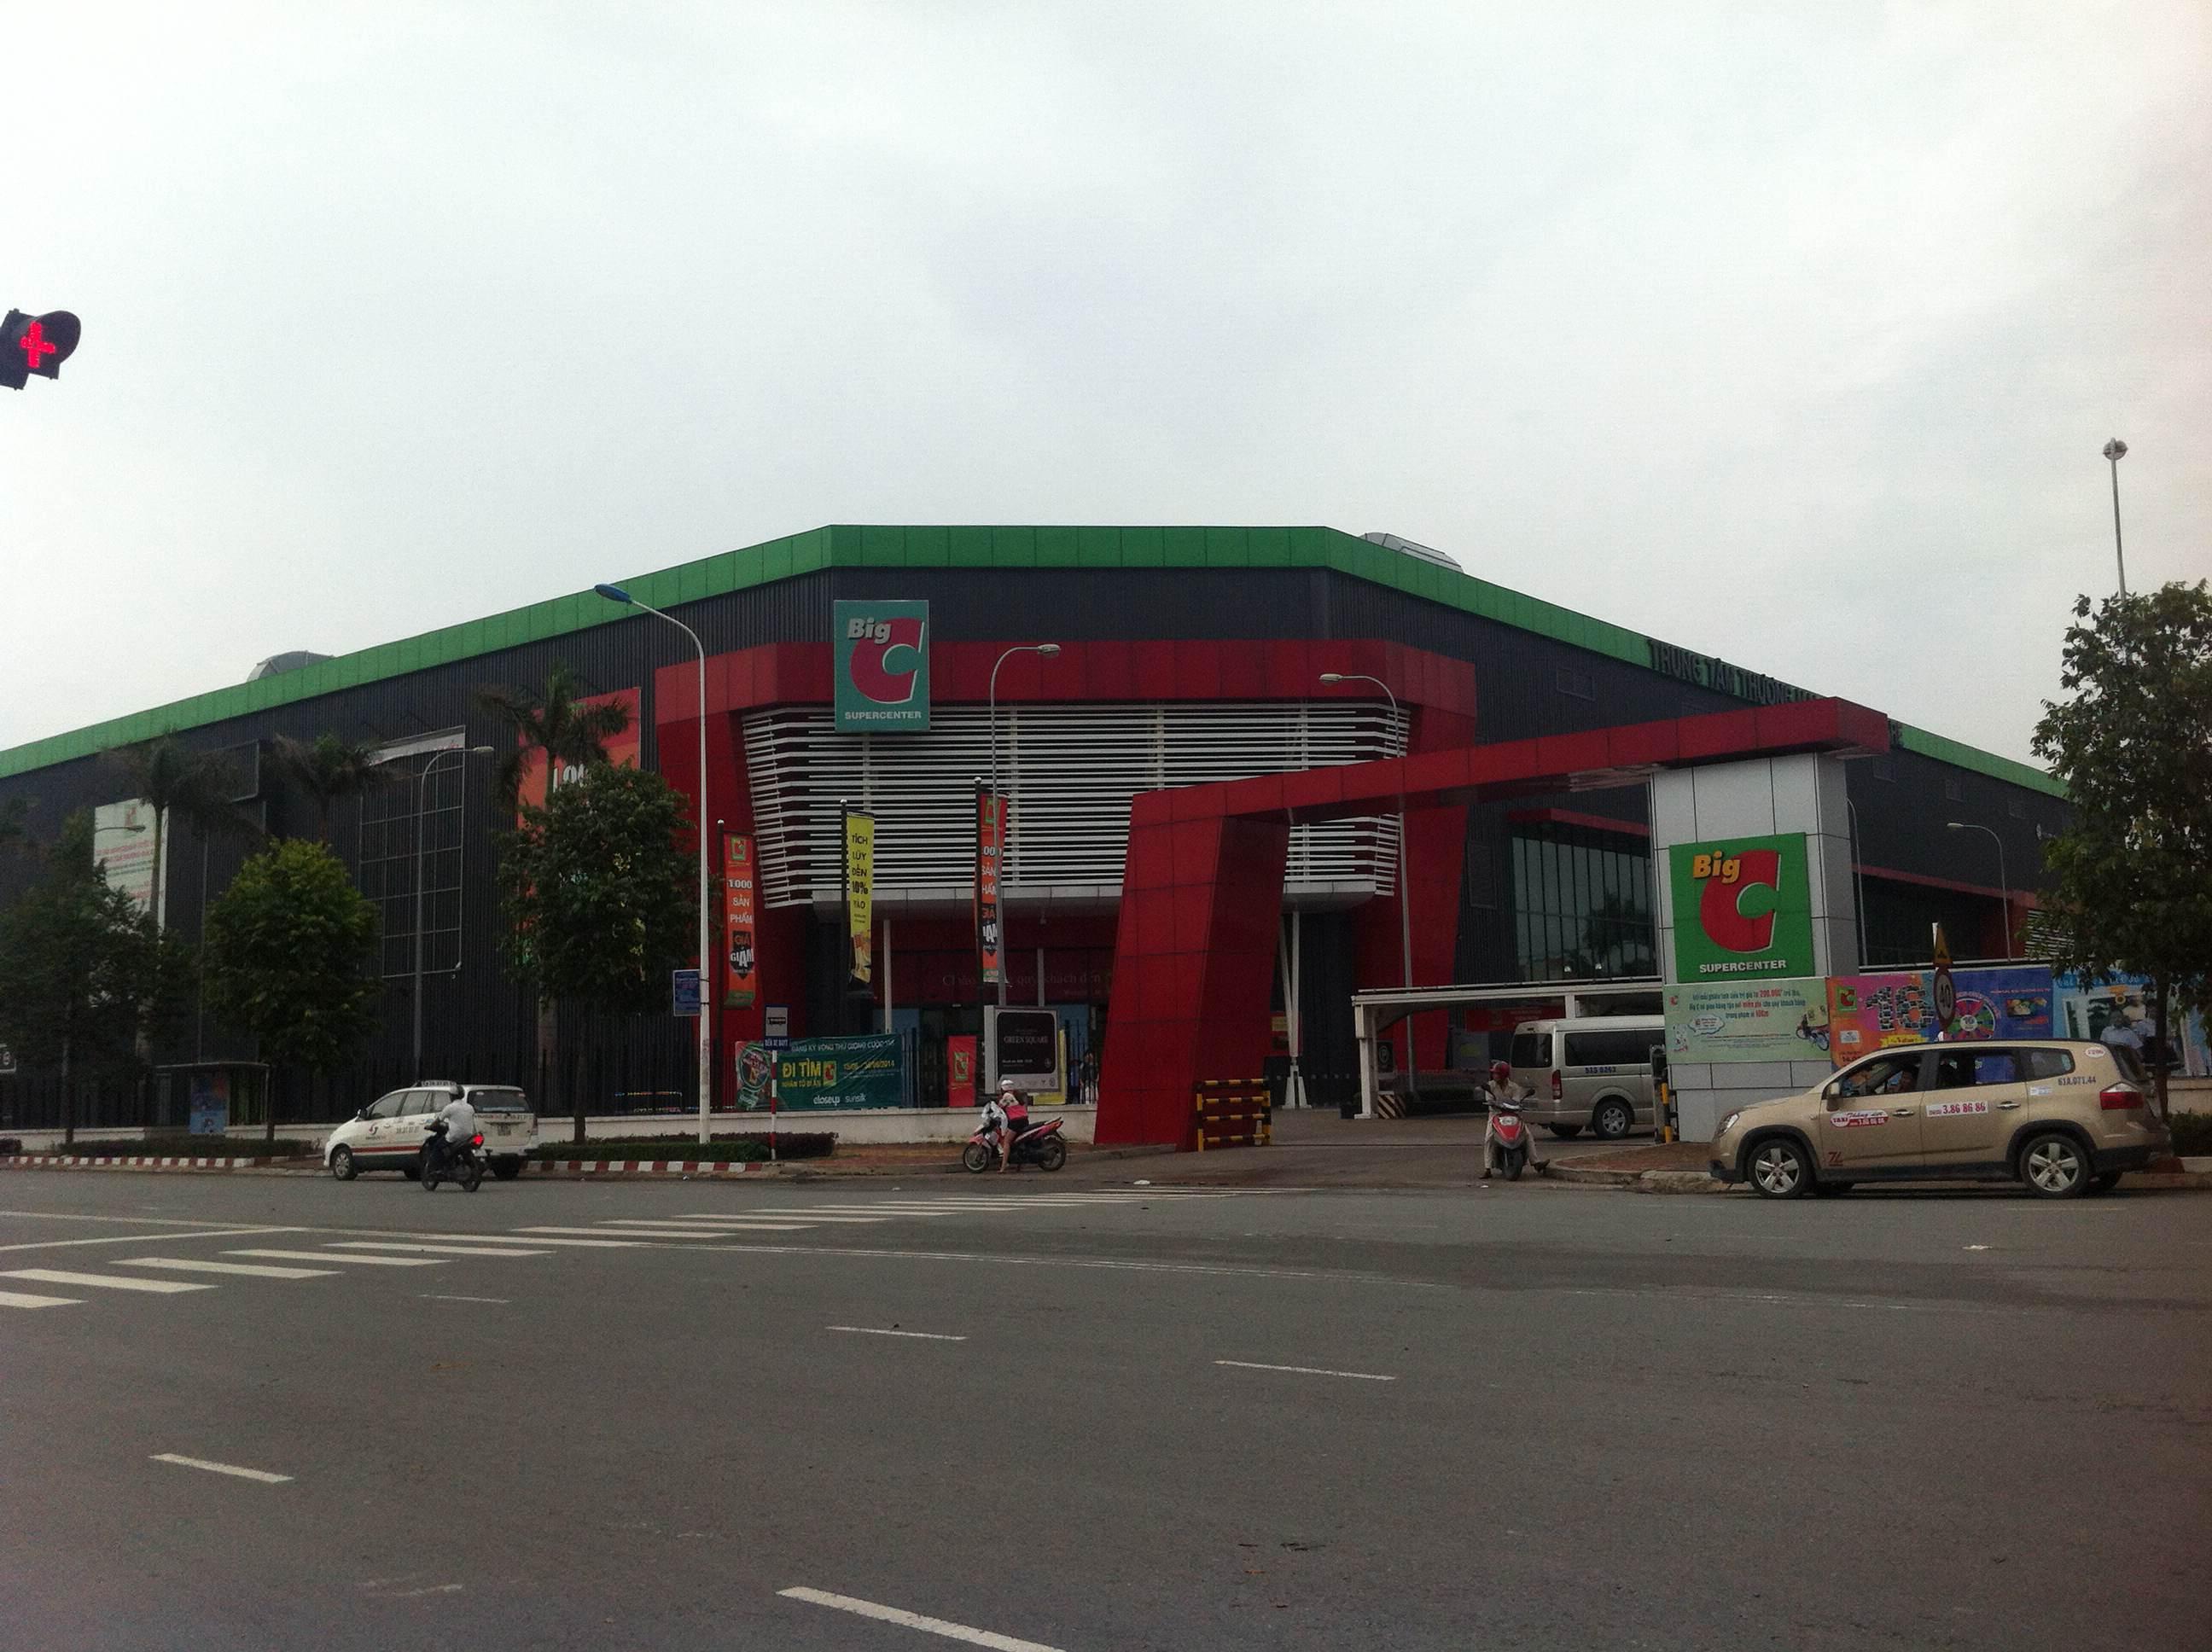 Nhà bán gần trung tâm y tế dĩ an, gần trung tâm siêu thị bigc dĩ an